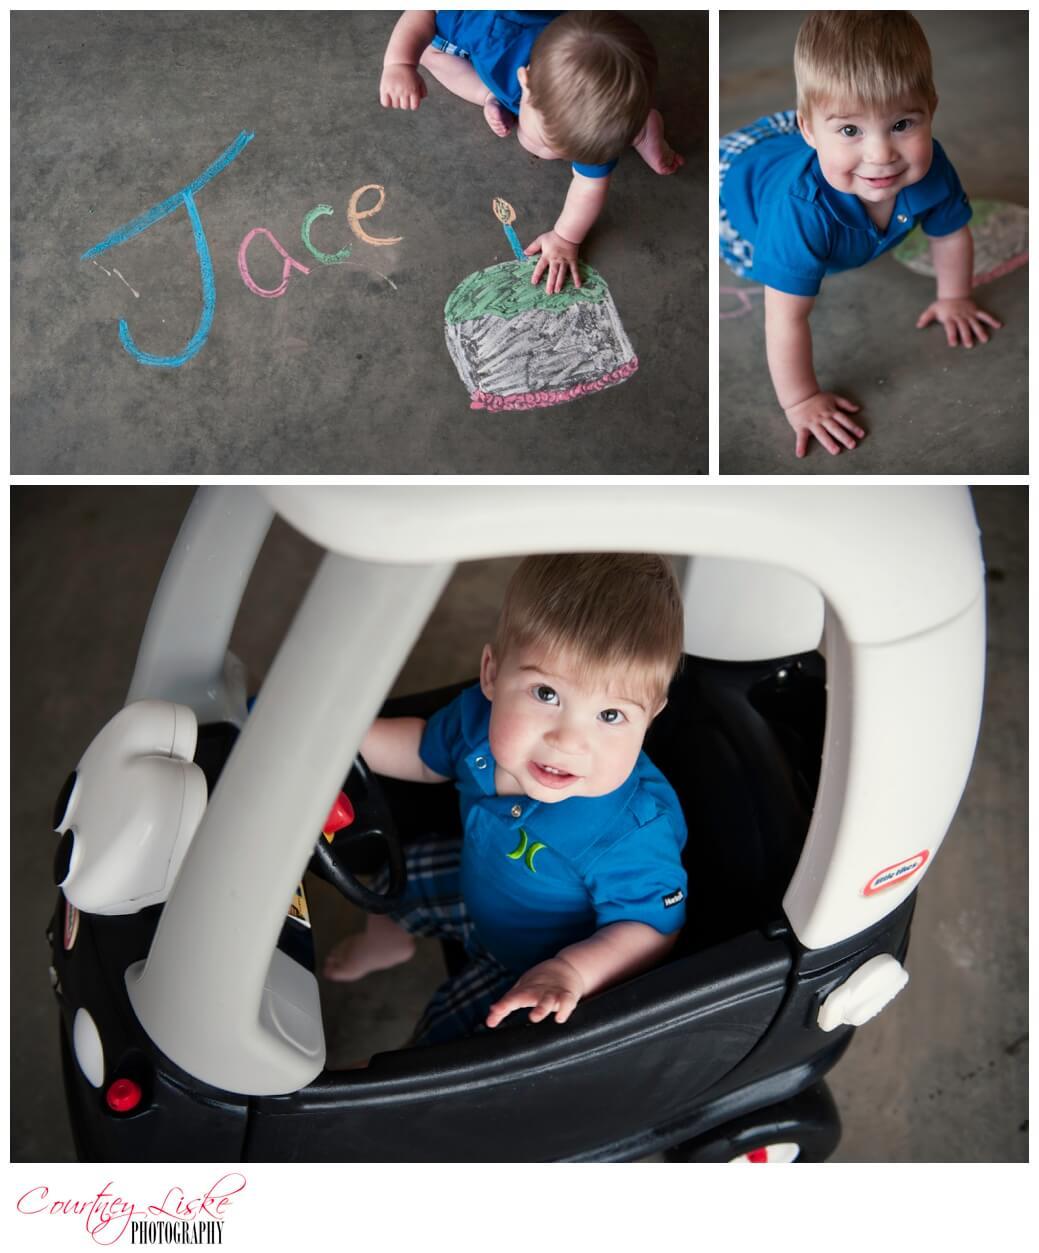 Jace - Regina Family Photography